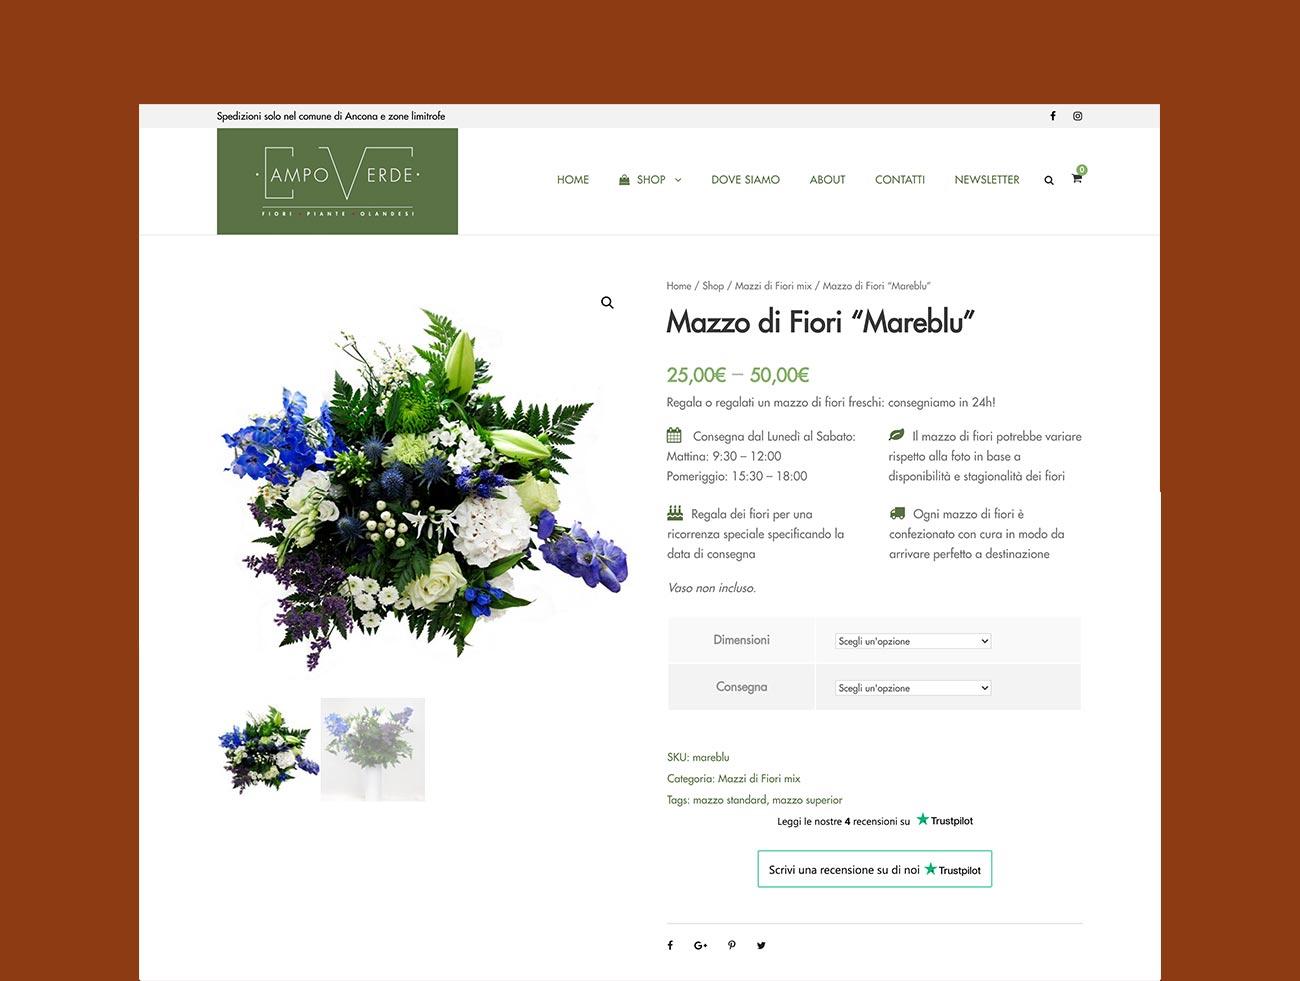 campoverde-fiori-piante-ancona-ecommerce-shop-online_03_gazpa